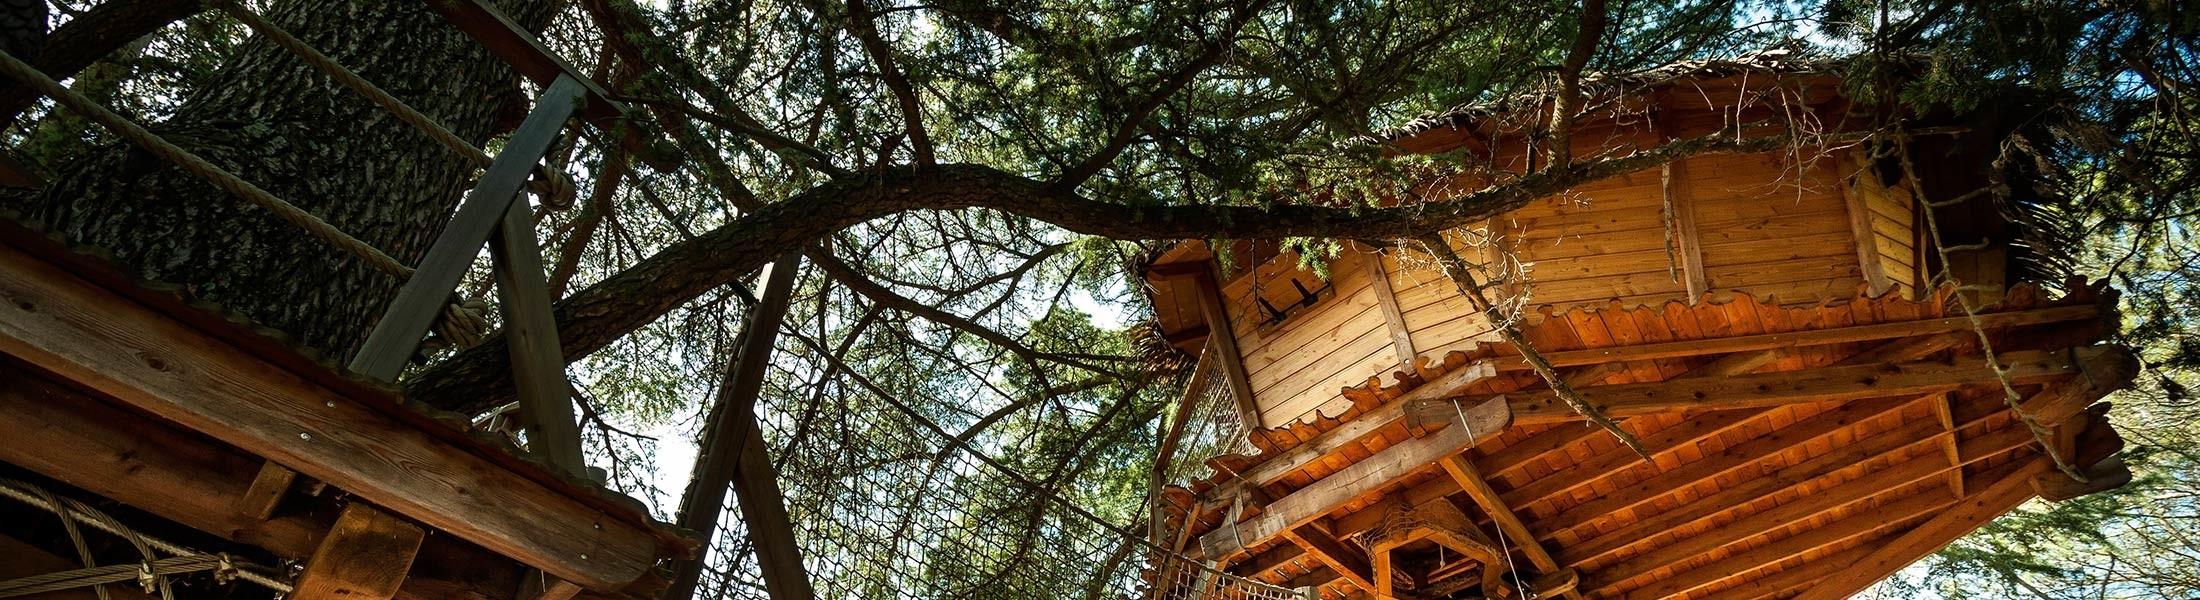 Photo header- Oenotourisme - cabane dans les arbres - Domaine de l'Arbousier - Montpellier Hérault Tourisme